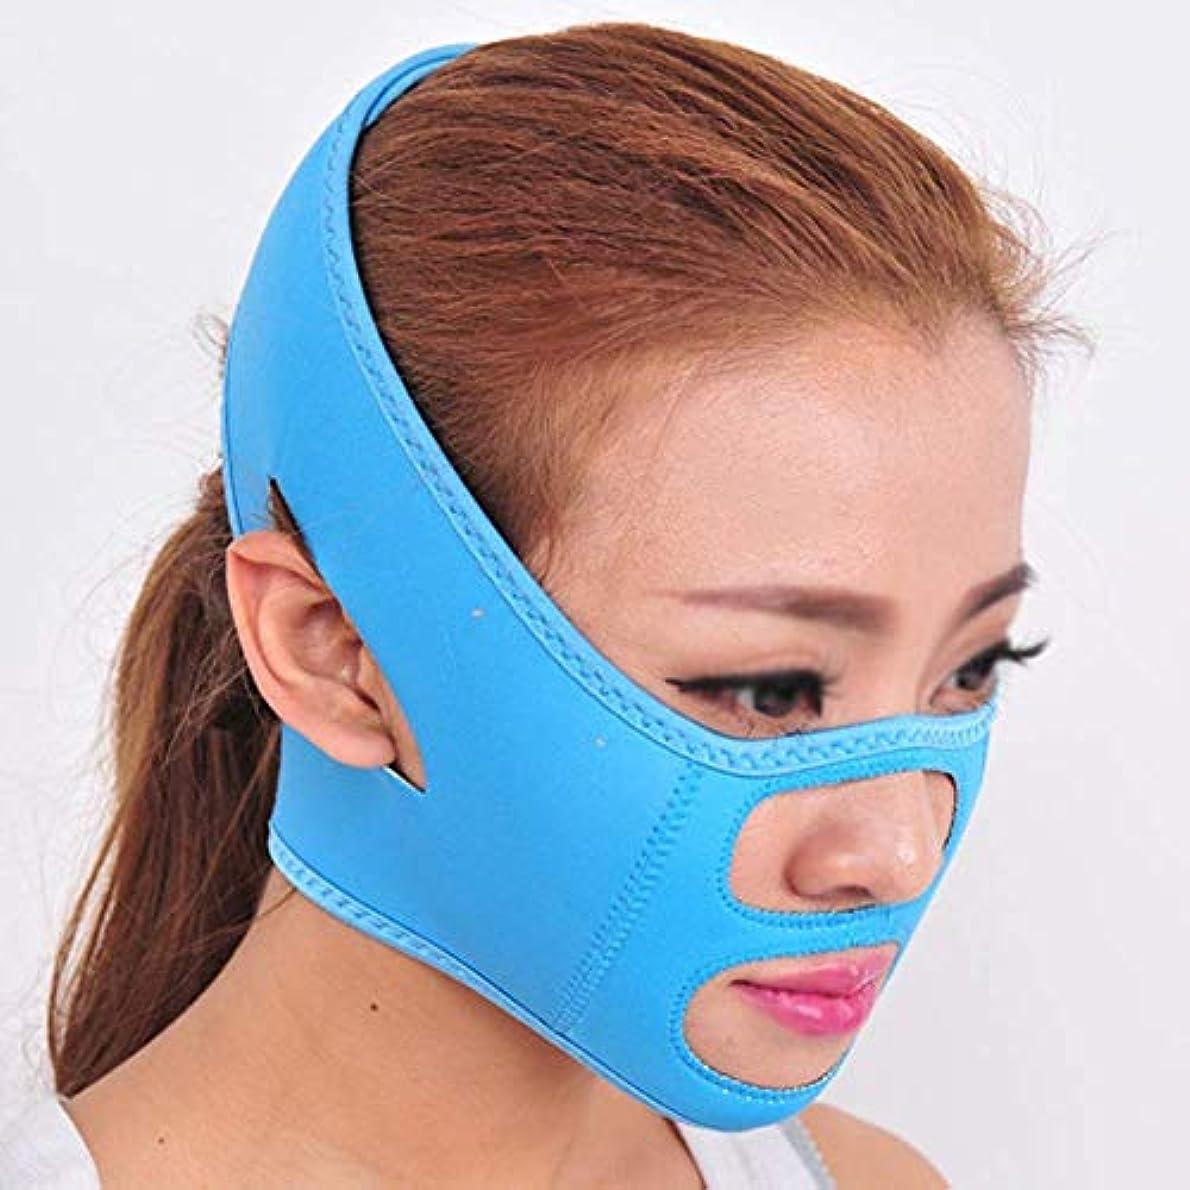 入札摂氏度高度なチンストラップ、フェイスリフティングマスク、ダブルチン、フェイスリフティングに最適、リフティングフェイシャルスキン、フェイシャル減量マスク、フェイスリフティングベルト(フリーサイズ)(カラー:ブルー),青